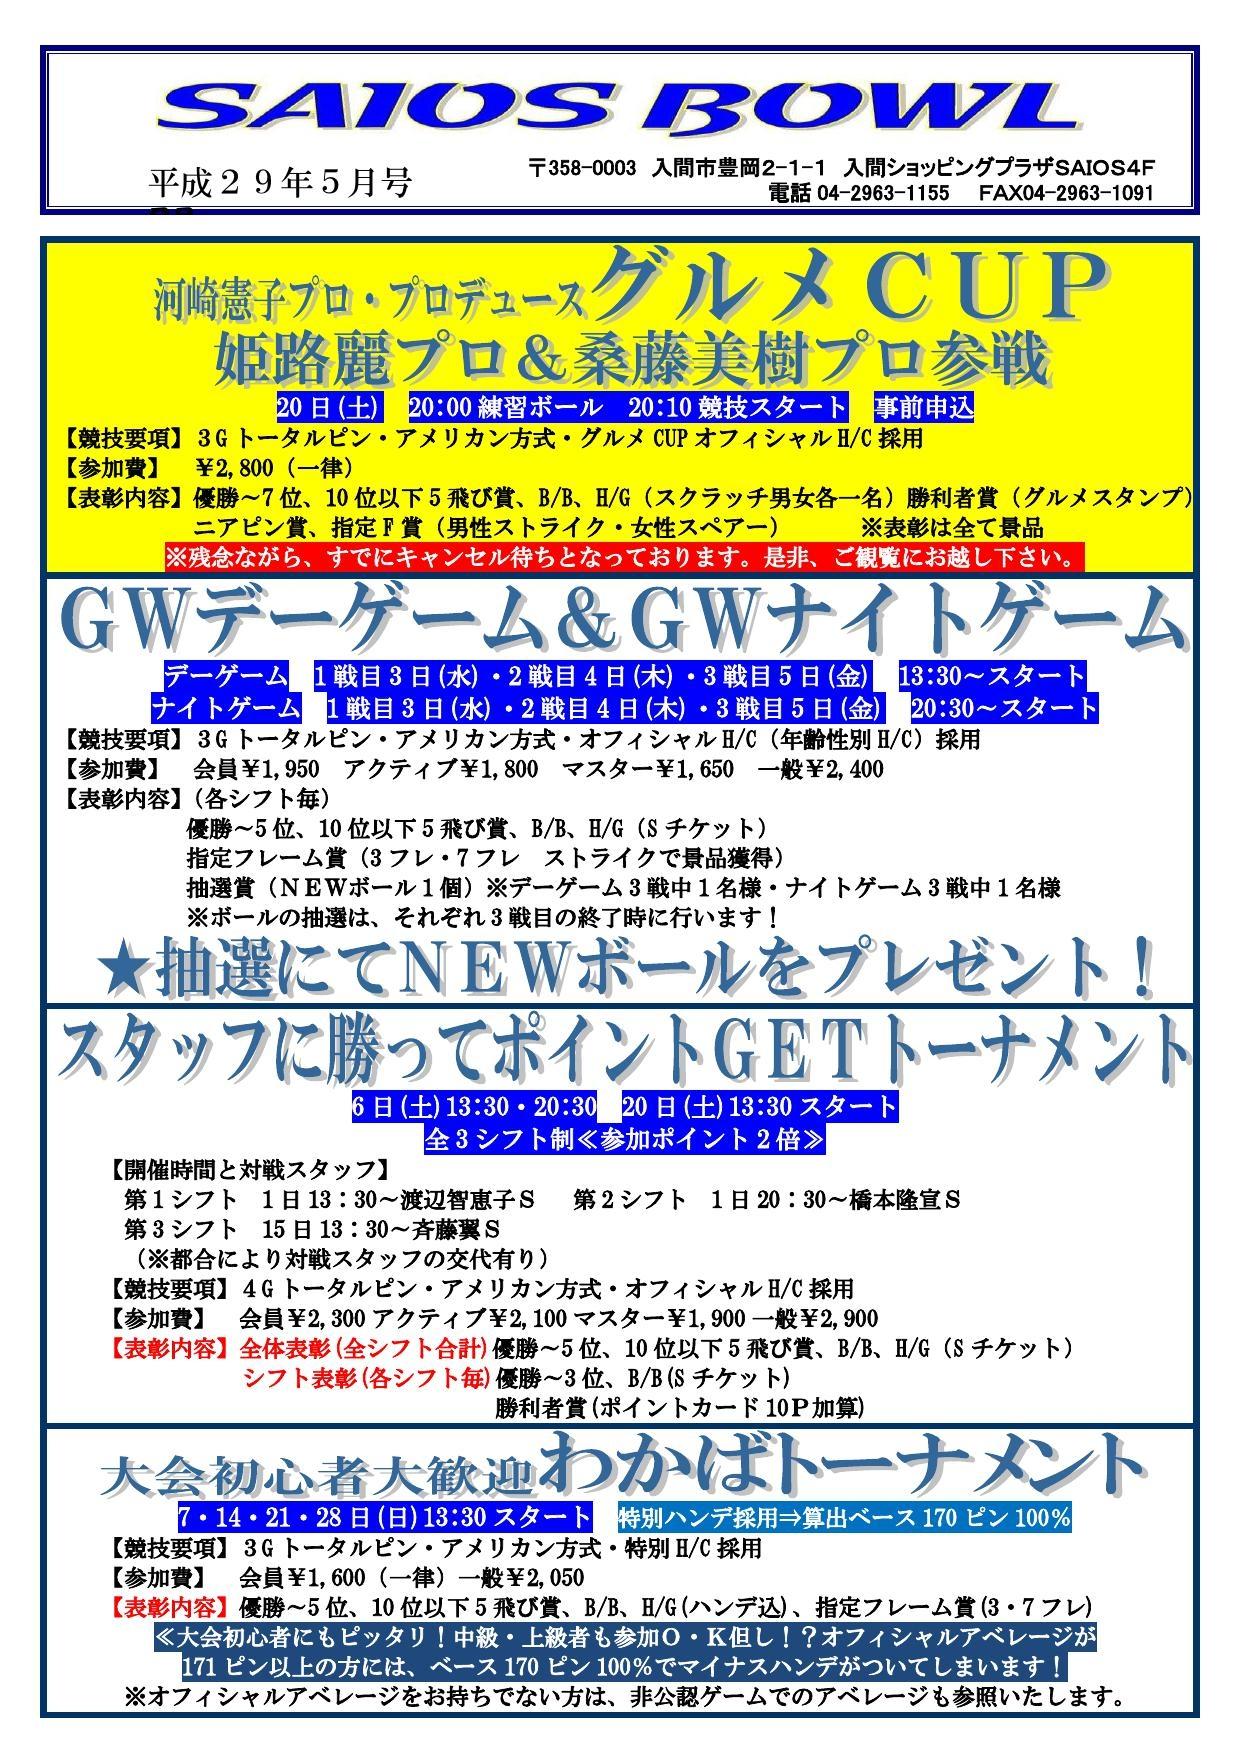 2017.5お知らせ1